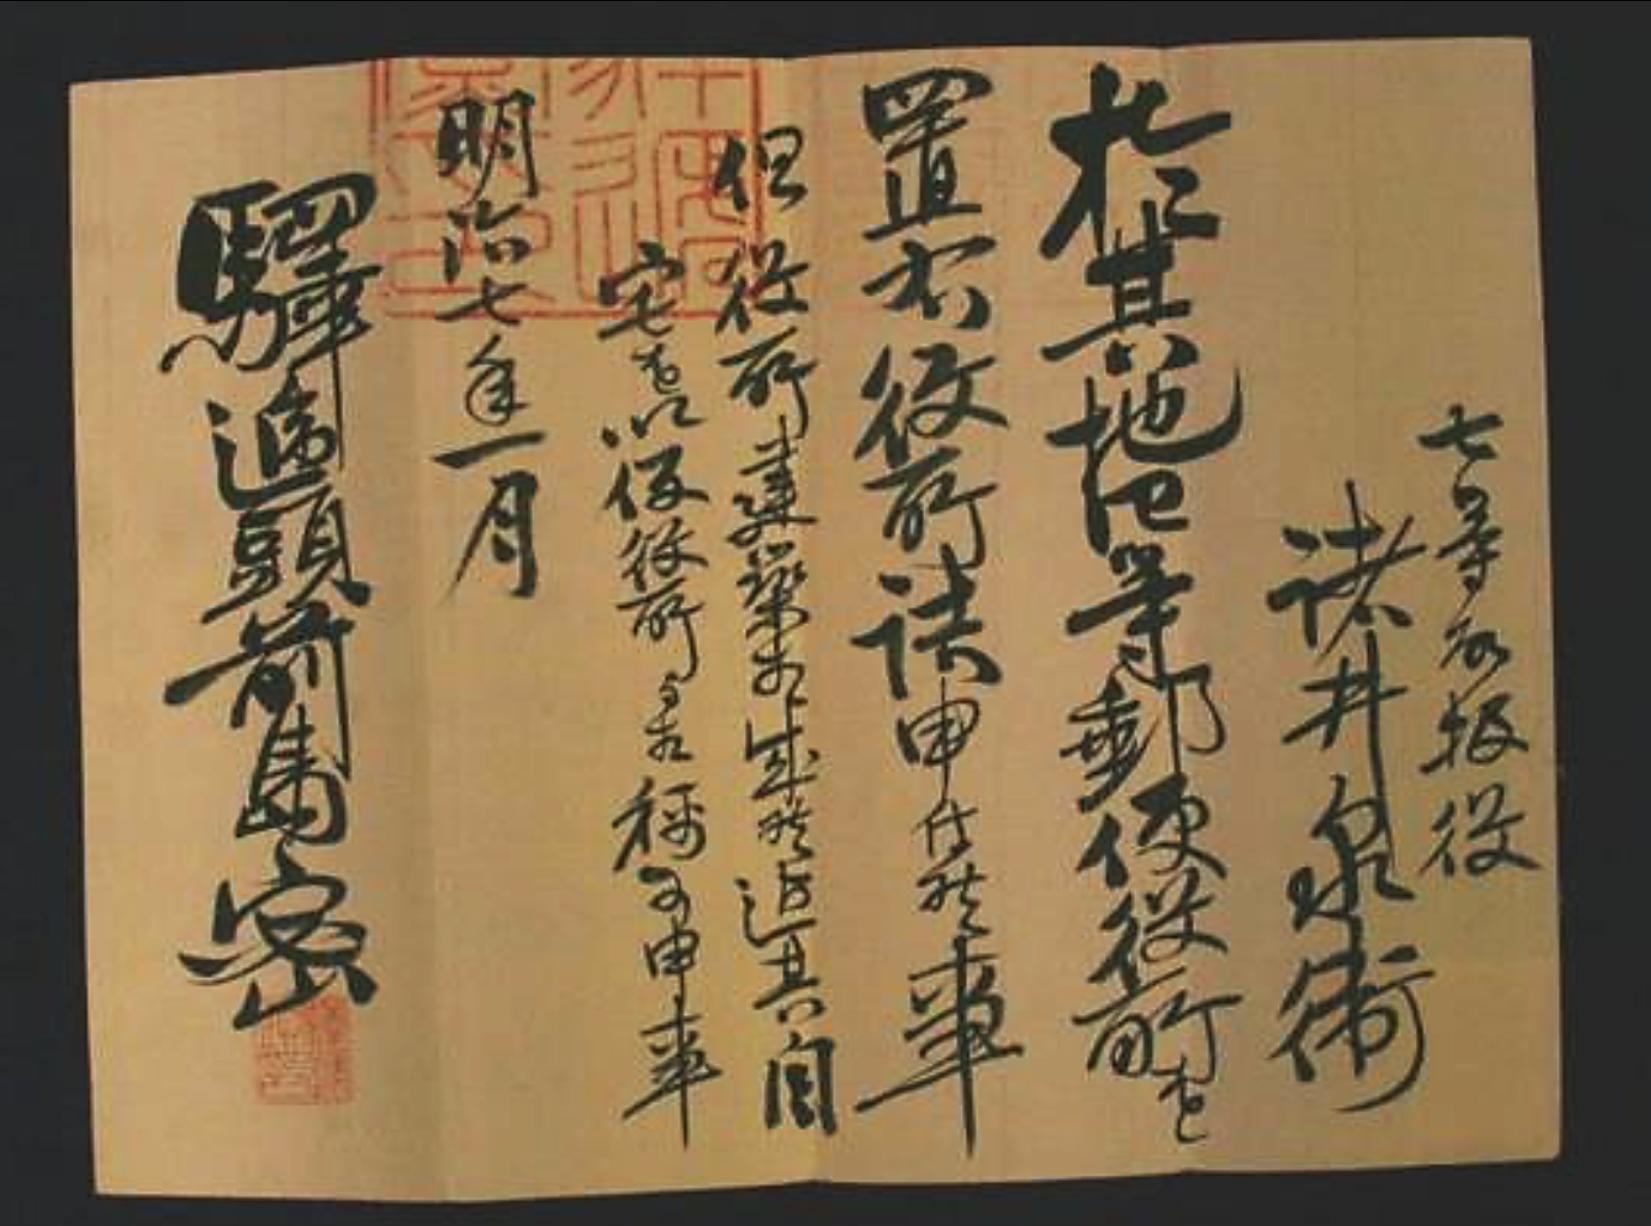 郵便役所開設指令書 明治7年(1874)  埼玉県立文書館所蔵